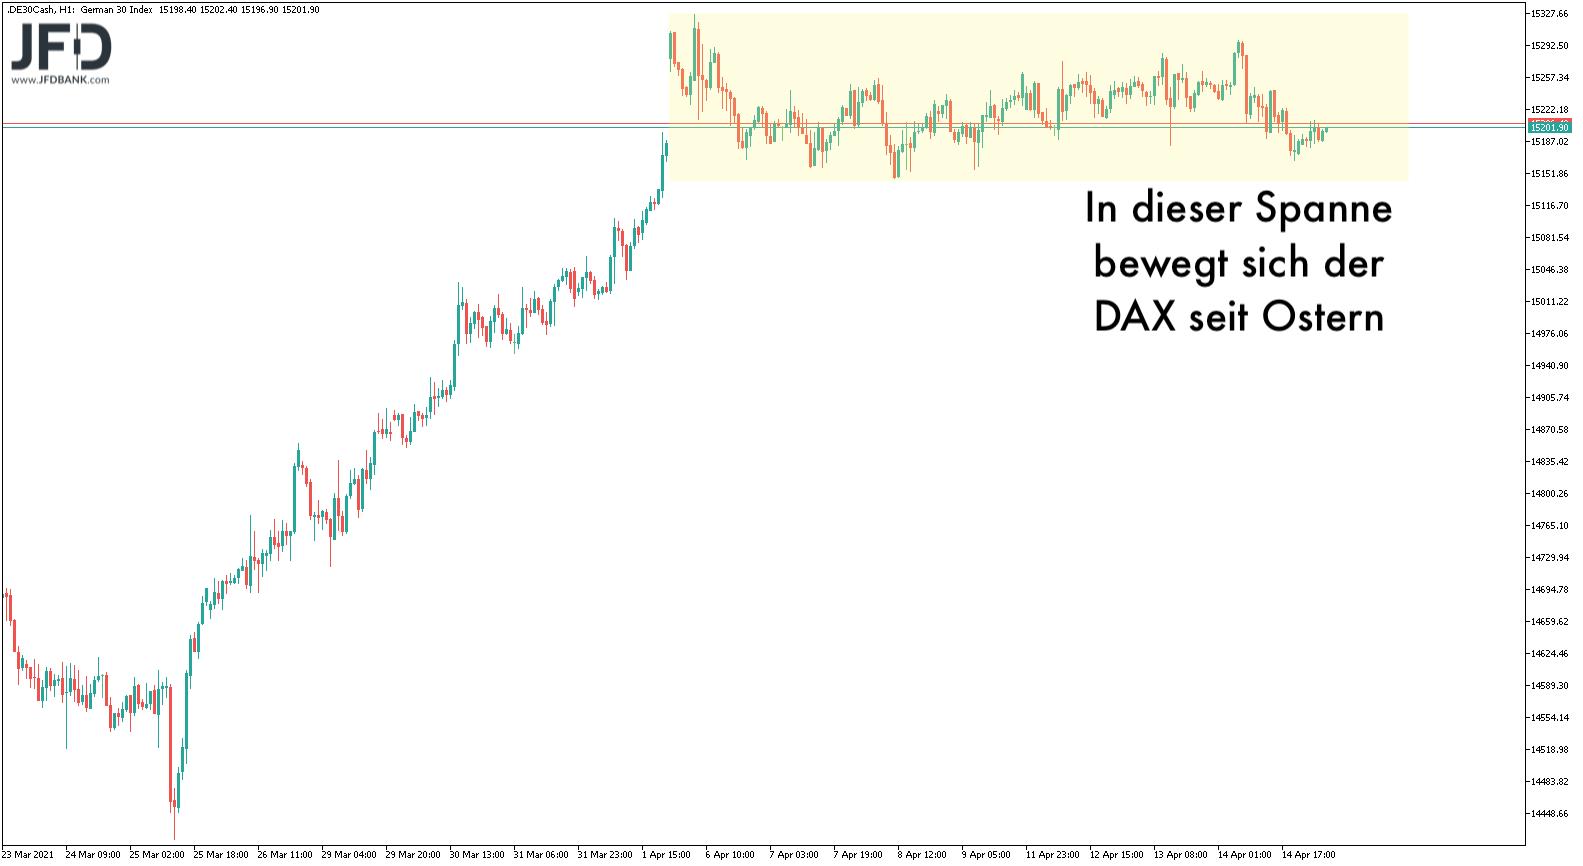 Erneut-ein-Rekord-im-DAX-an-einem-Montag-Kommentar-JFD-Bank-GodmodeTrader.de-2